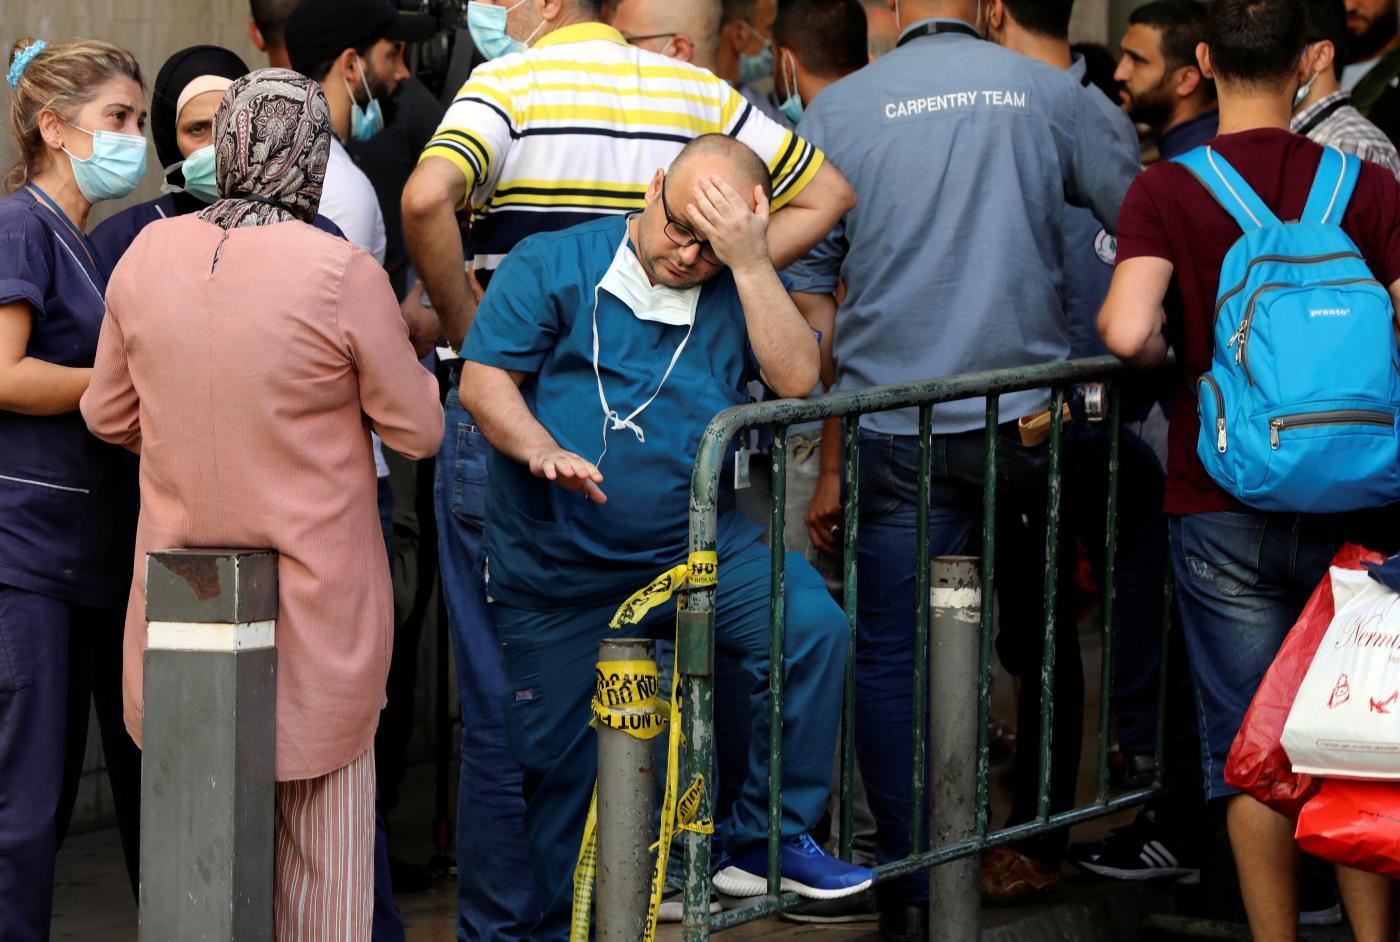 اخراج ۵۰۰ نفر از دانشکده پزشکی دانشگاه آمریکایی بیروت